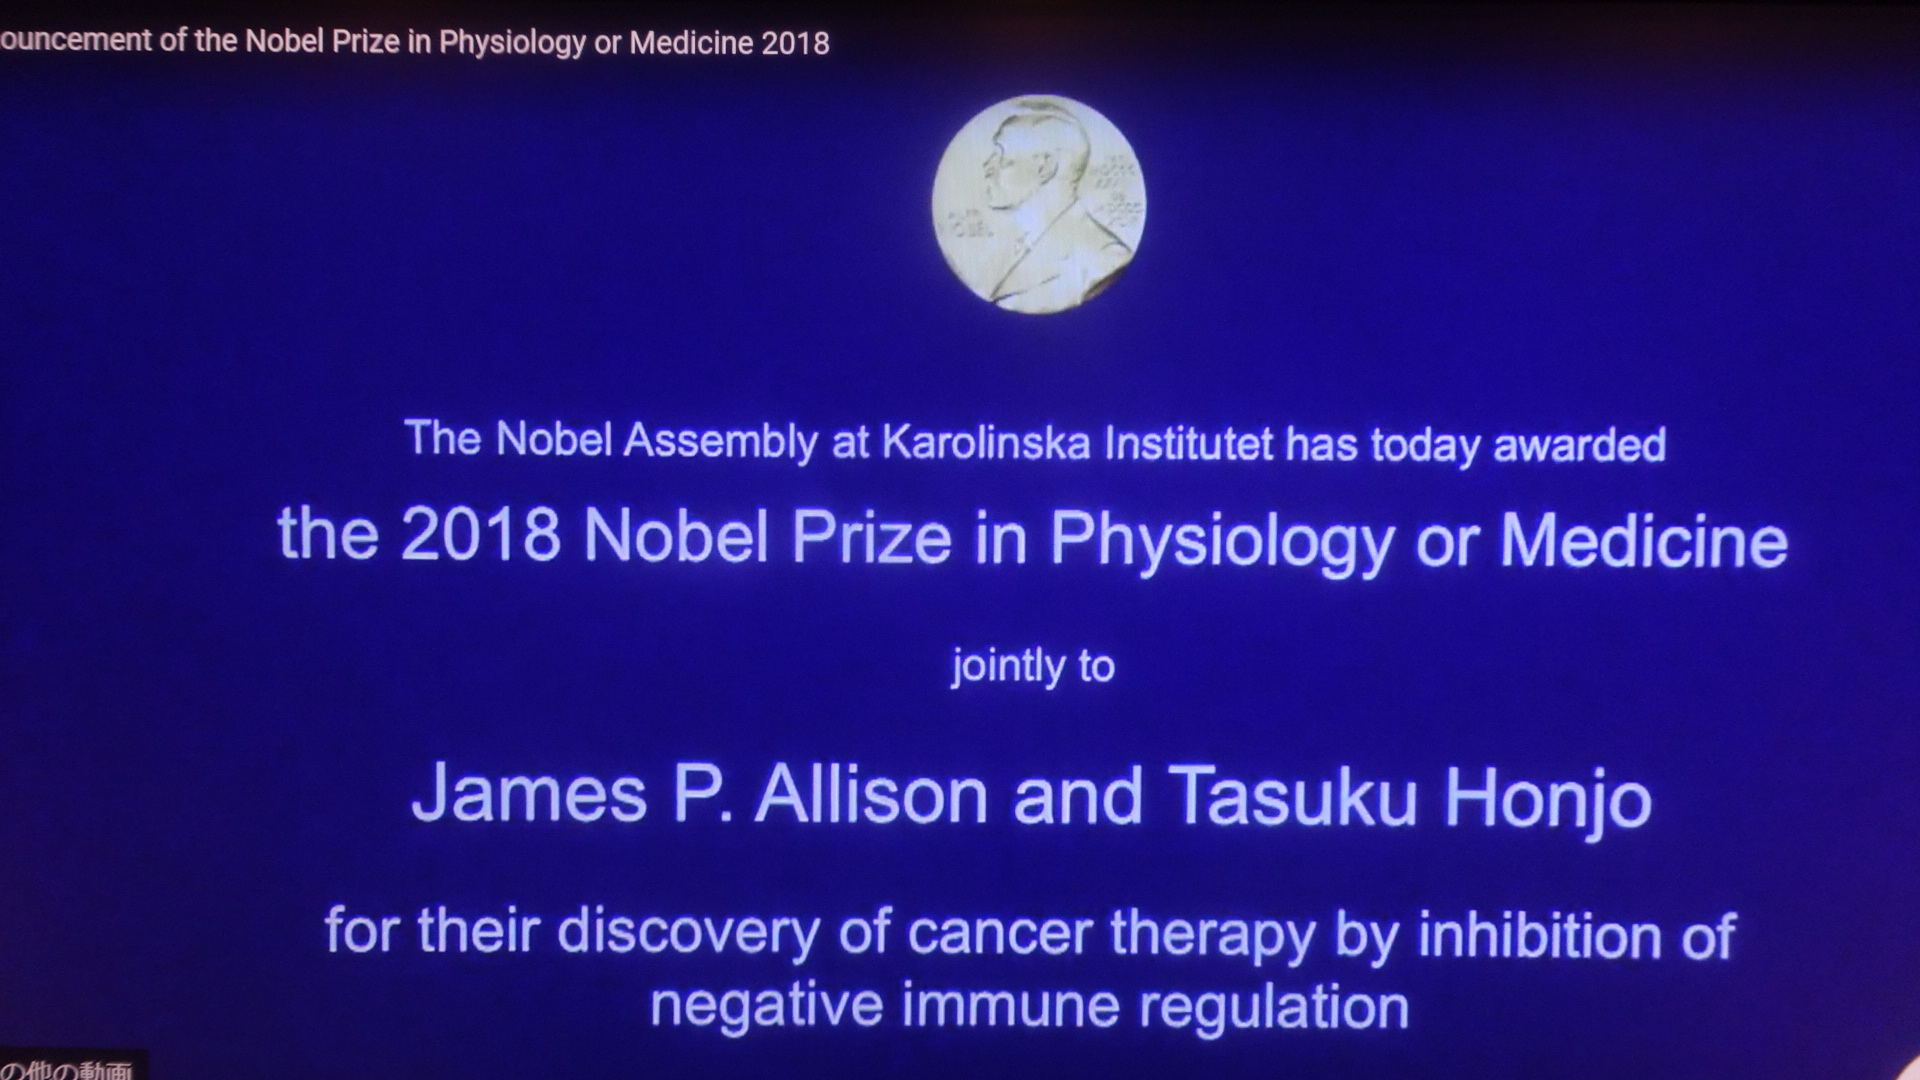 本庶佑先生の受賞を伝えるノーベル財団のHP